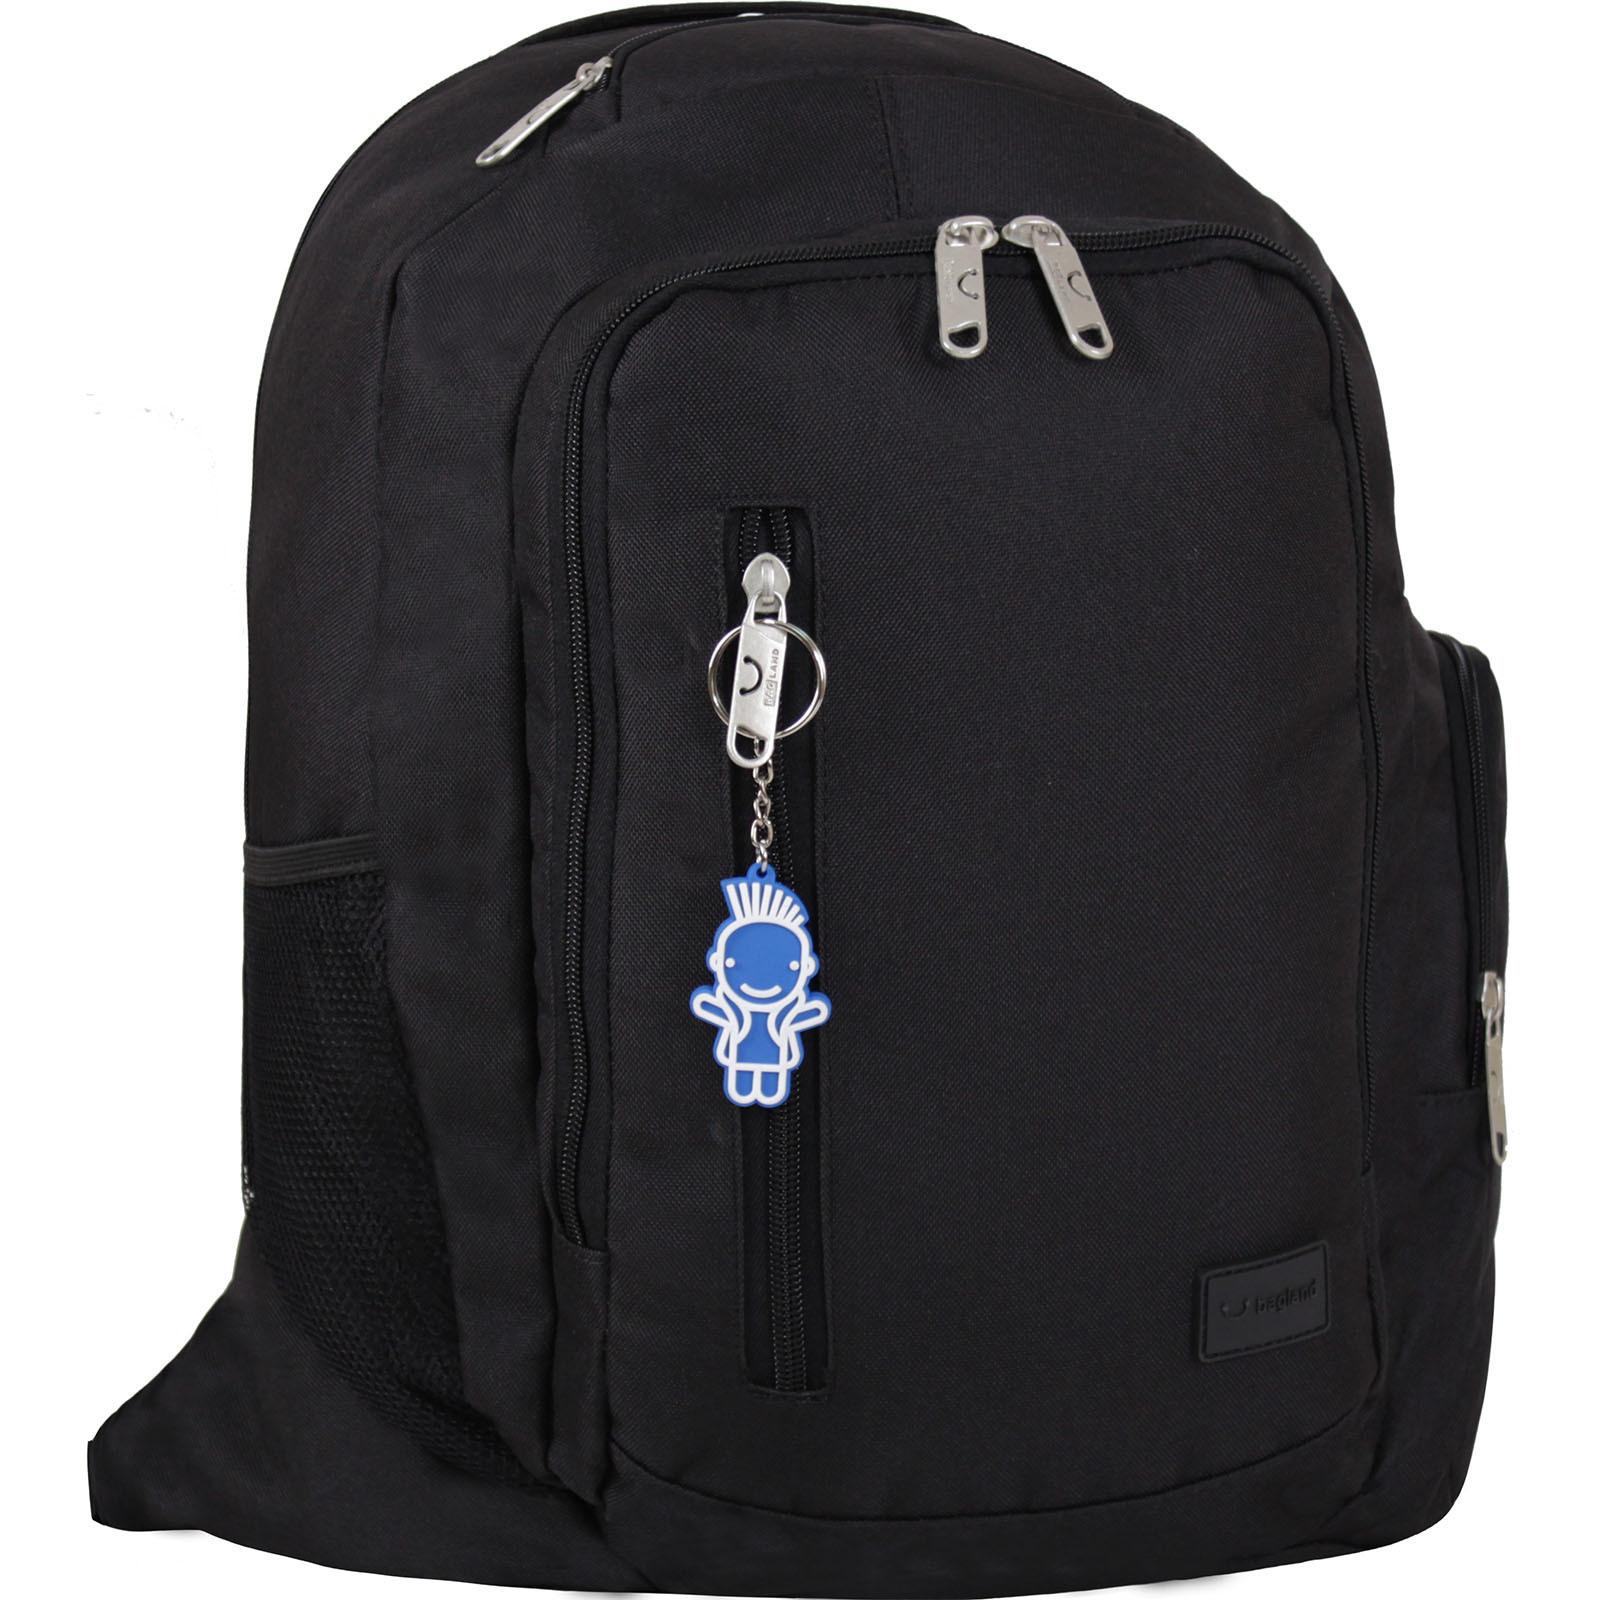 Городские рюкзаки Рюкзак для ноутбука Bagland Техас 29 л. Чёрный (00532662) IMG_1726.JPG